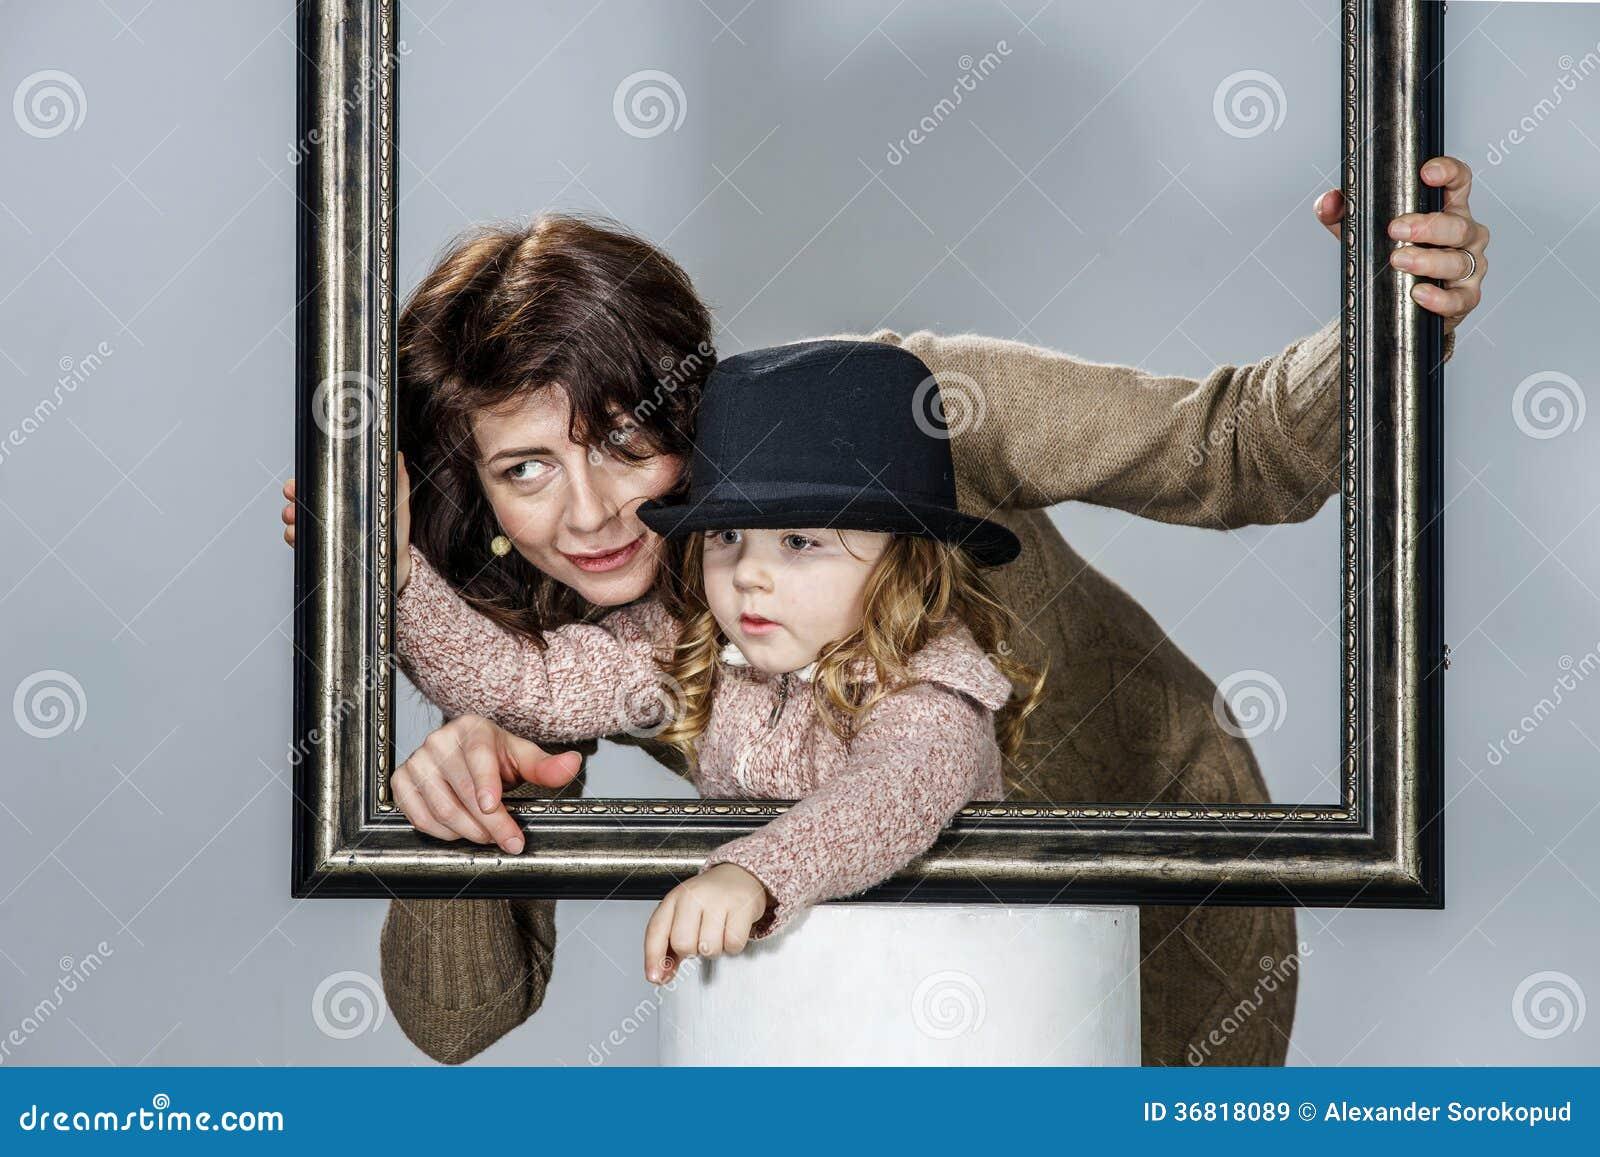 Lujoso Madre Marco Hija Adorno - Ideas Personalizadas de Marco de ...